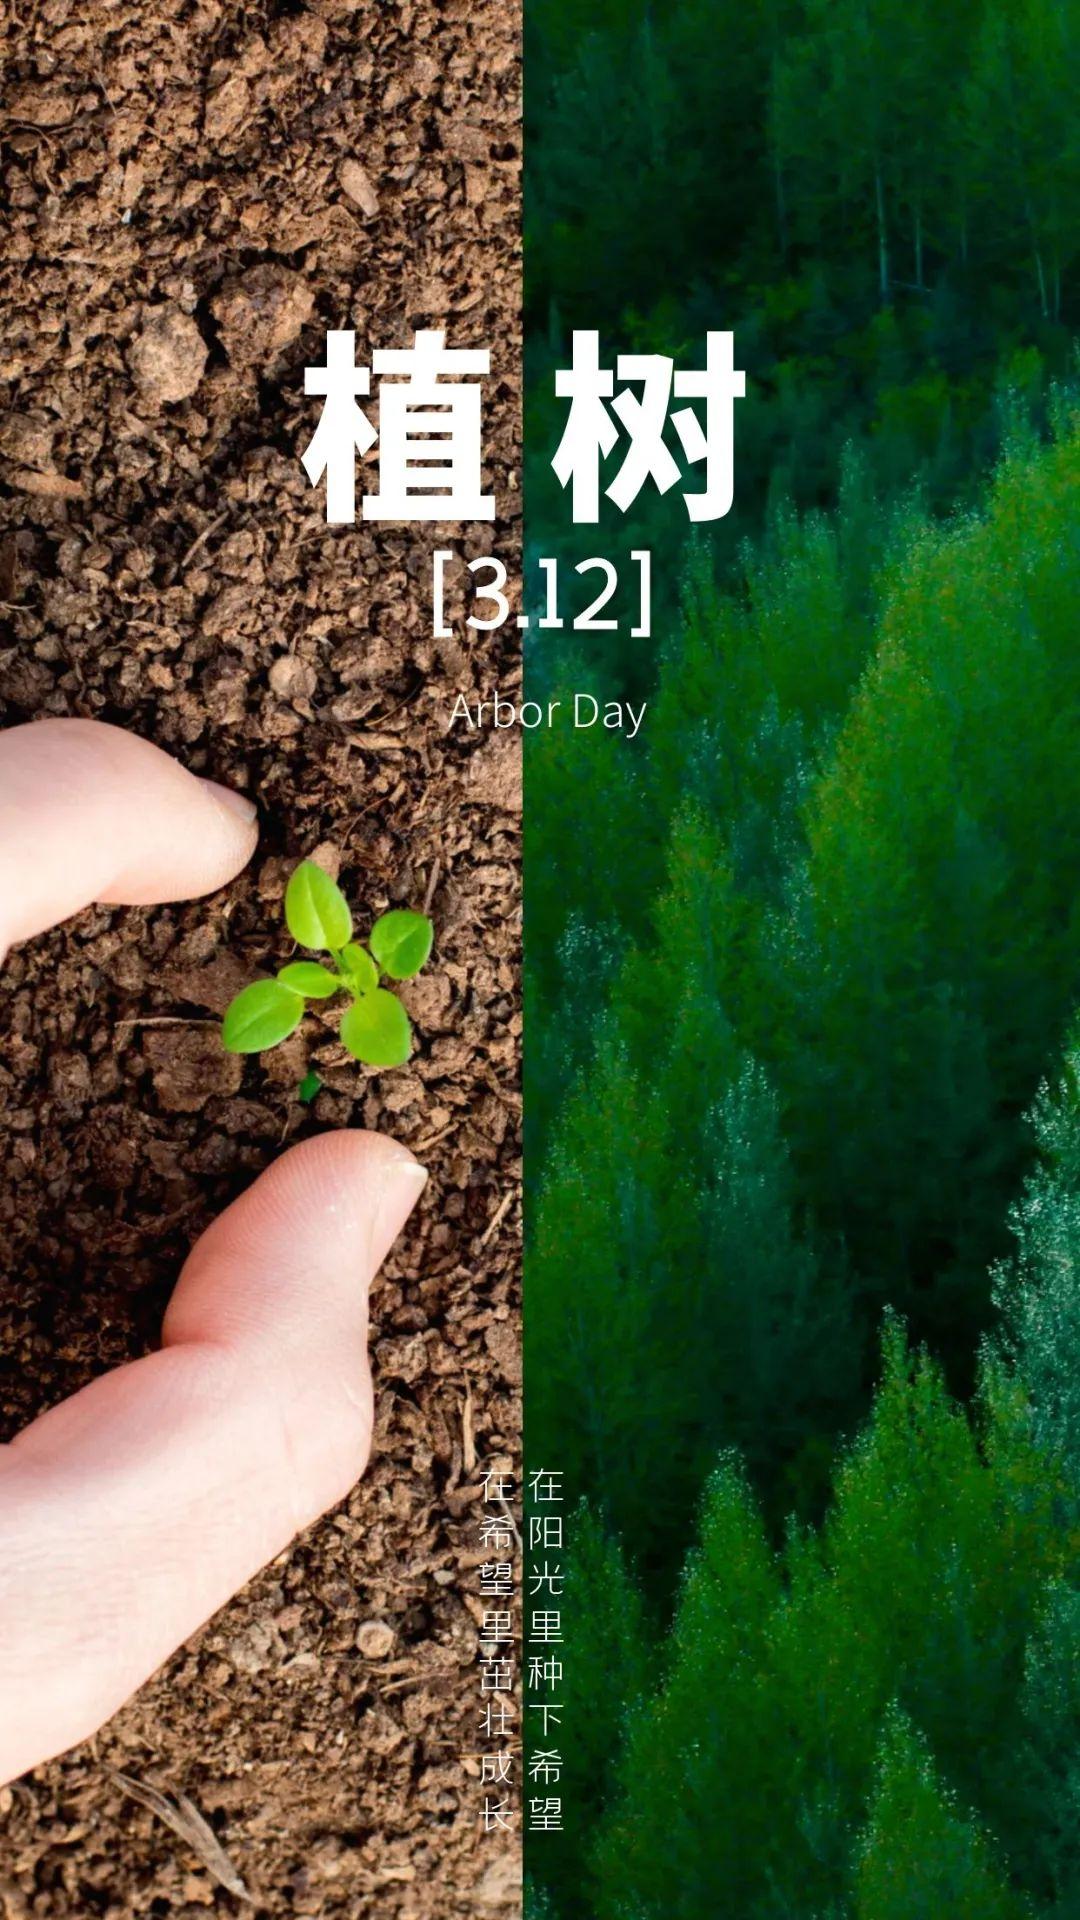 植树节文案、植树节海报宣传标语设计欣赏: 植树节, 你想栽在我心上?插图56